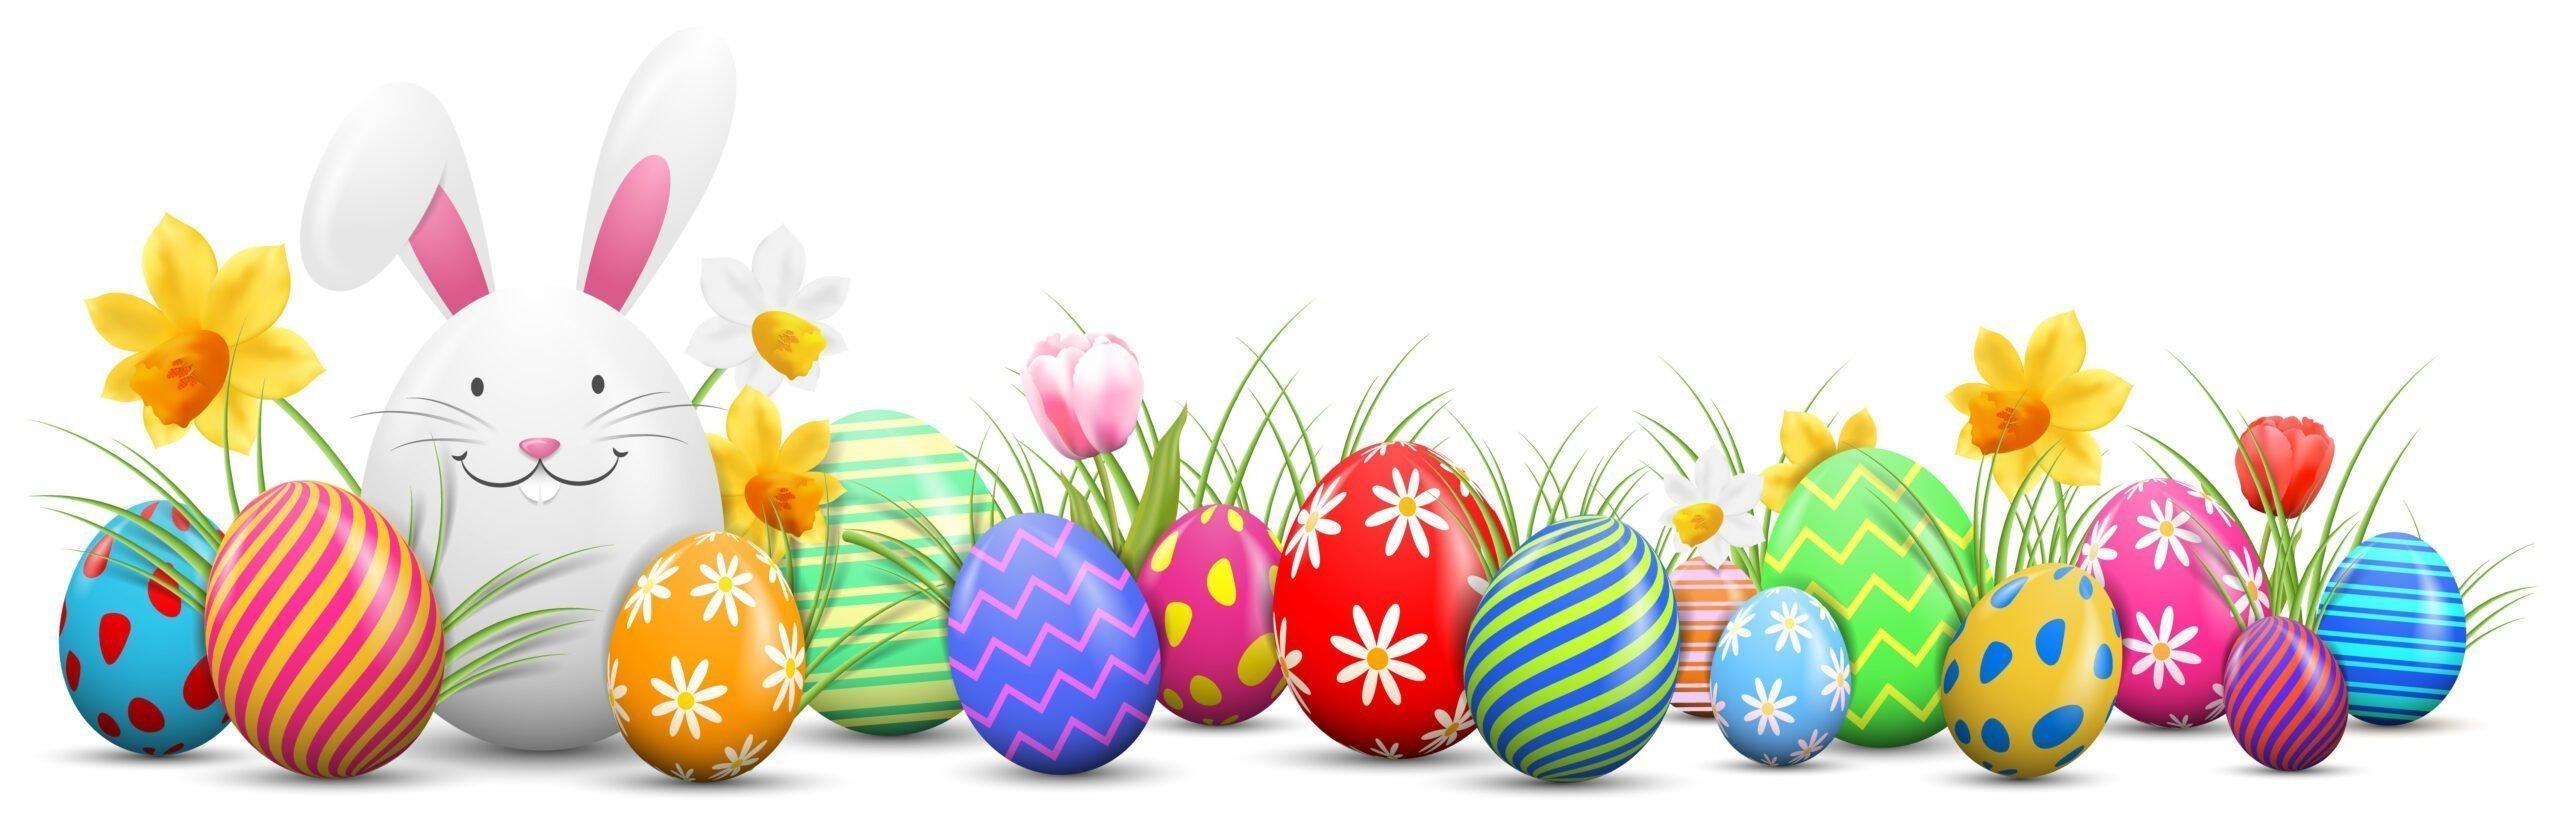 Kolorowanki Wielkanoc do drukowania